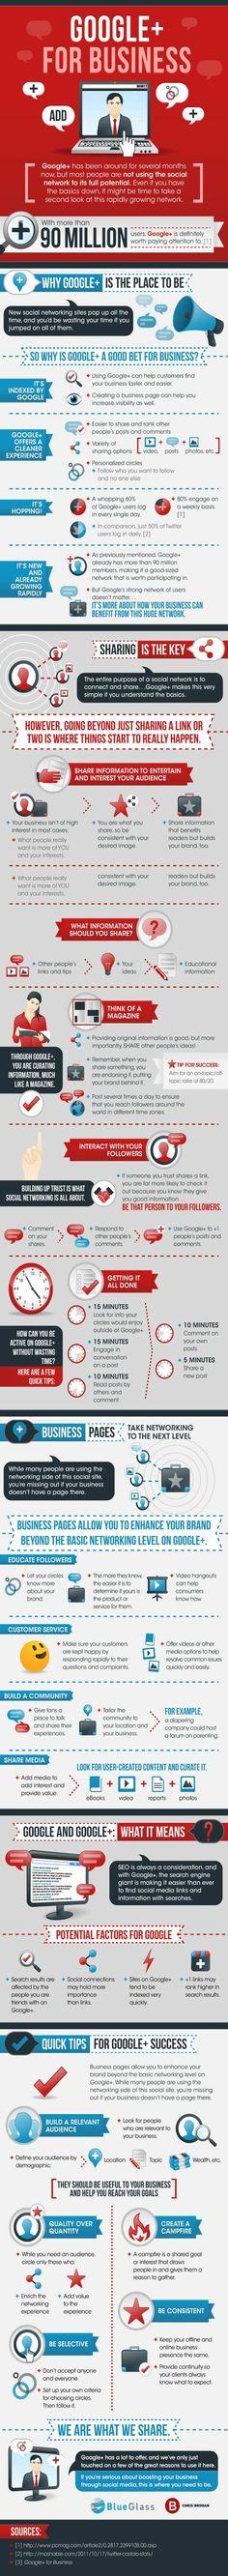 {Infographie} Comment tirer le meilleur profit de GooglePlus pour promouvoir son business #SocialMedia #GooglePlus #Ebusiness #PictureMarketing #WebMarketing